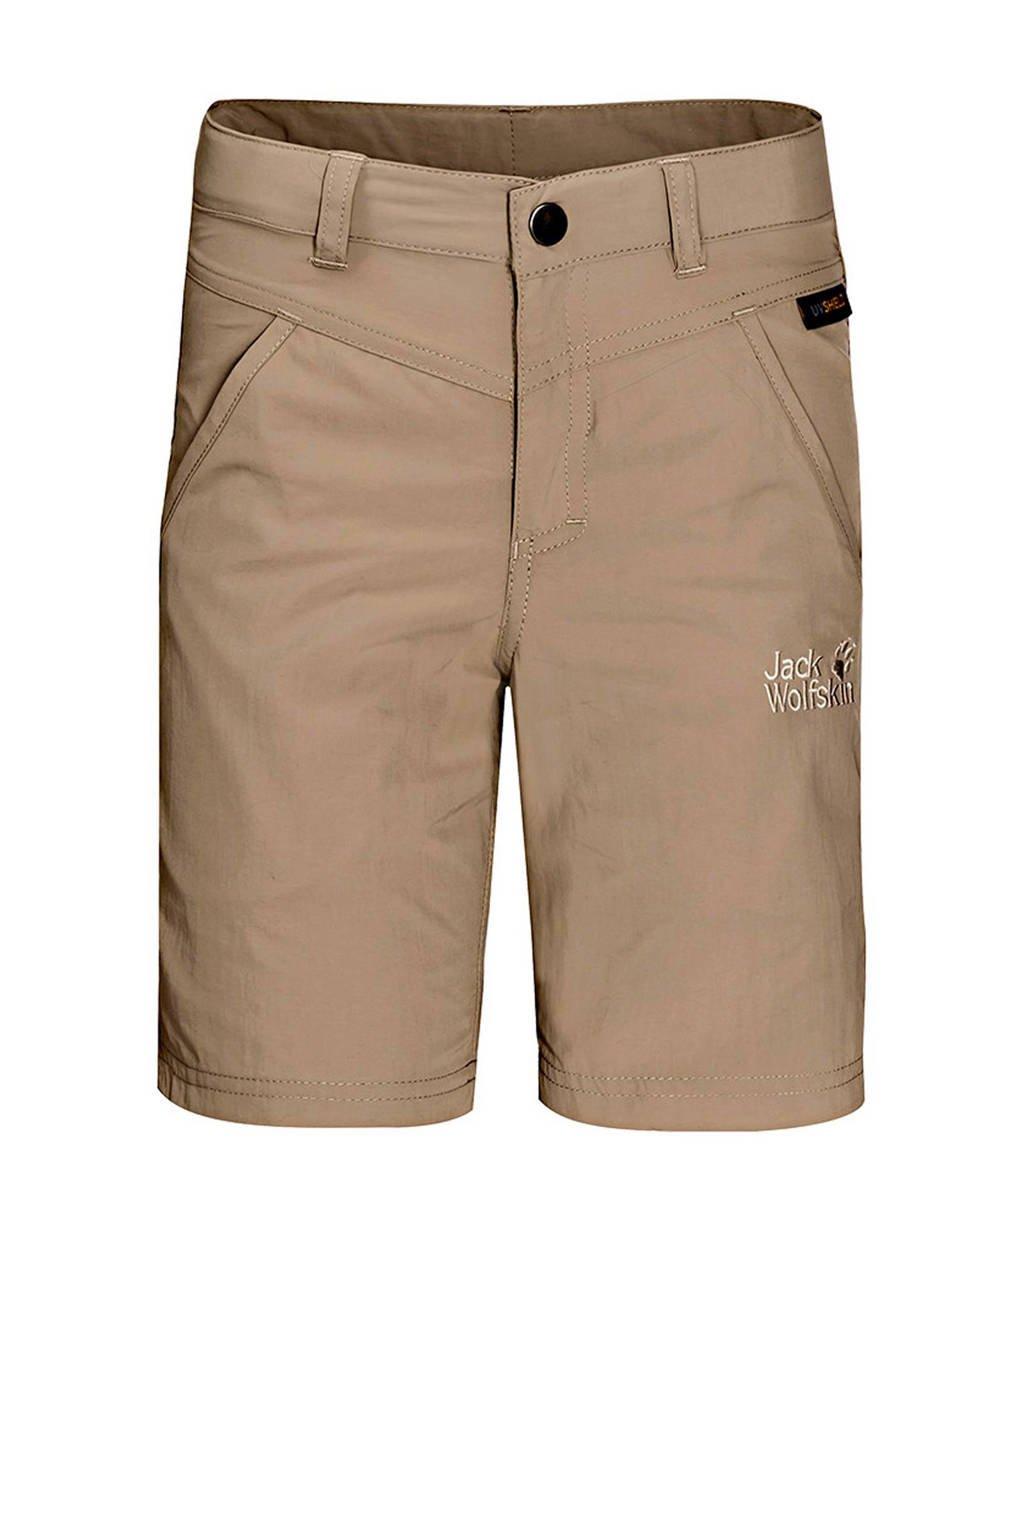 Jack Wolfskin jongens Sun Shorts outdoor korte broek, Beige